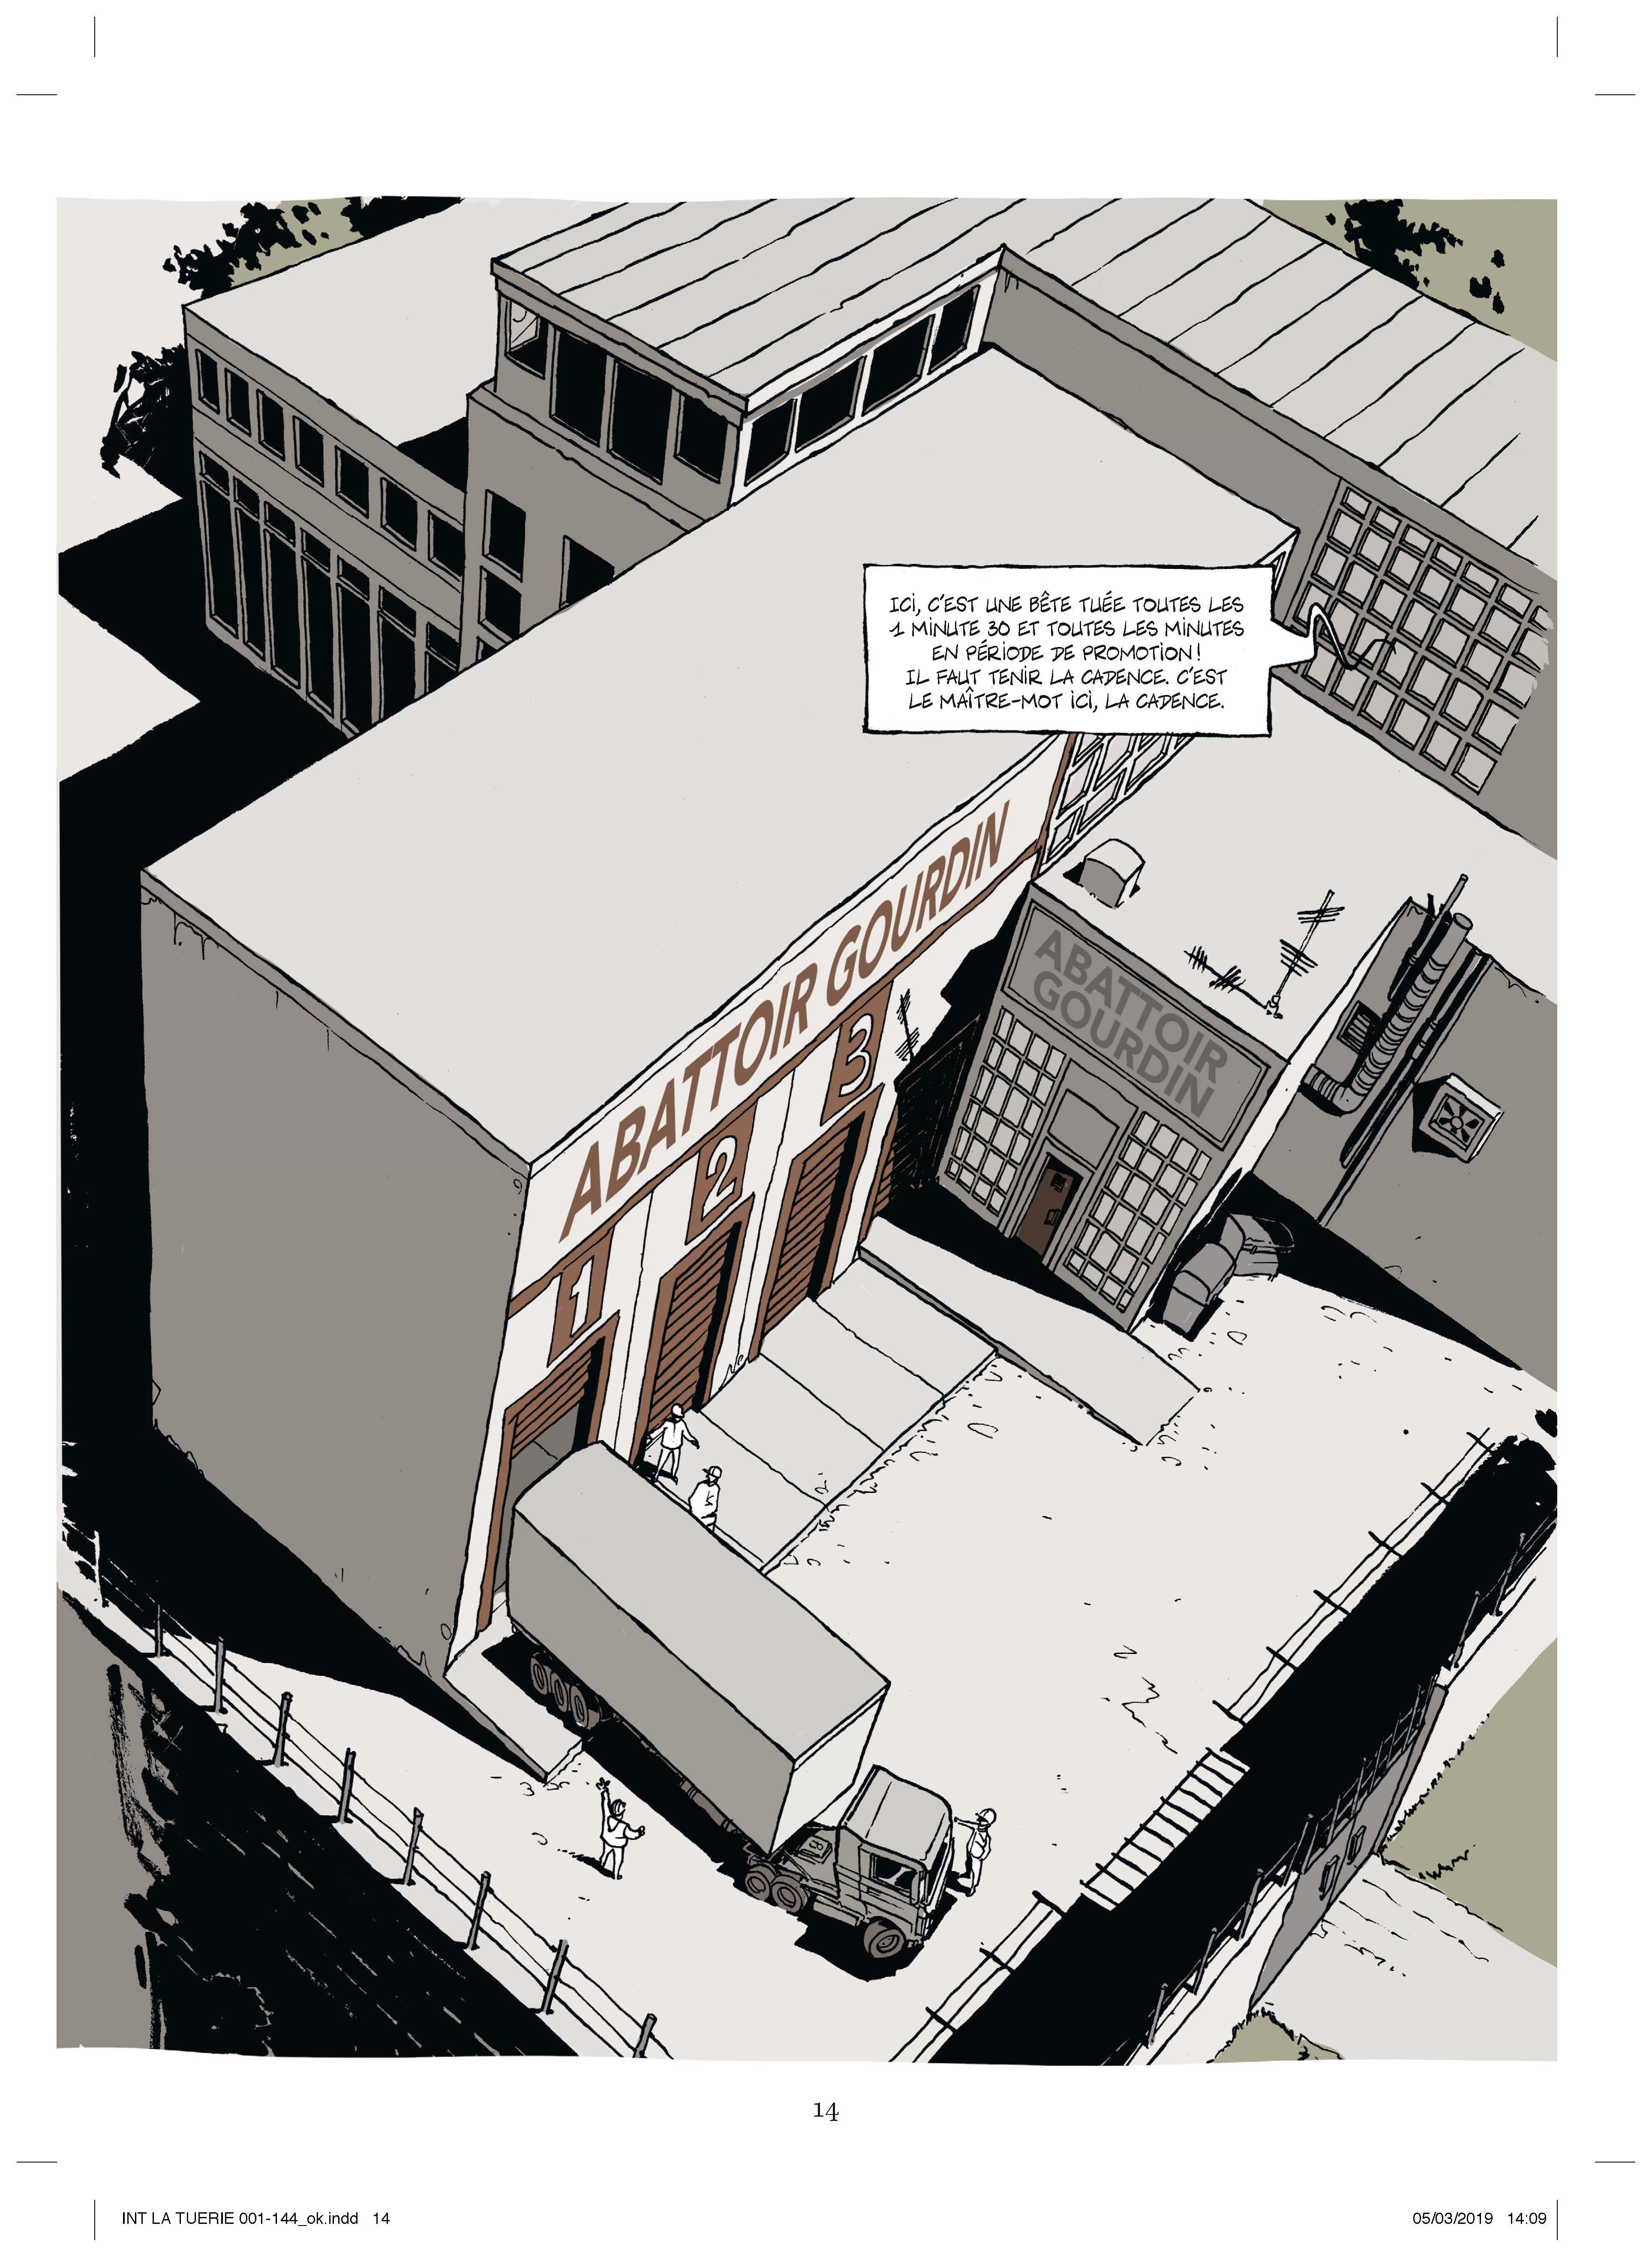 Le lieu des crimes : l'abattoir (planches 6 à 8 - Les Arènes 2019)